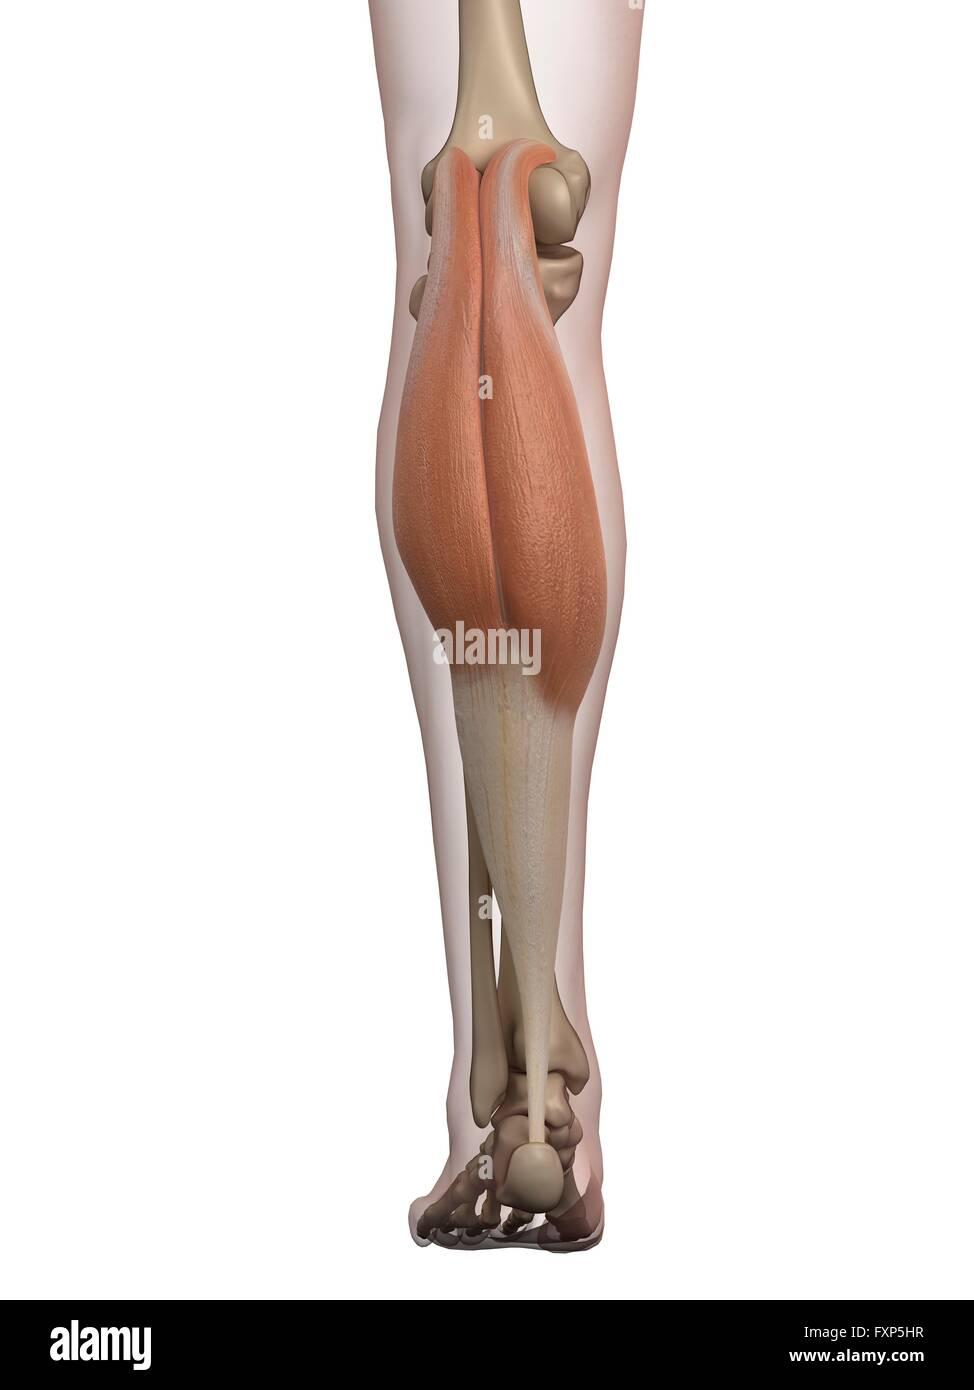 Ziemlich Wadenmuskel Diagramm Ideen - Anatomie Ideen - finotti.info